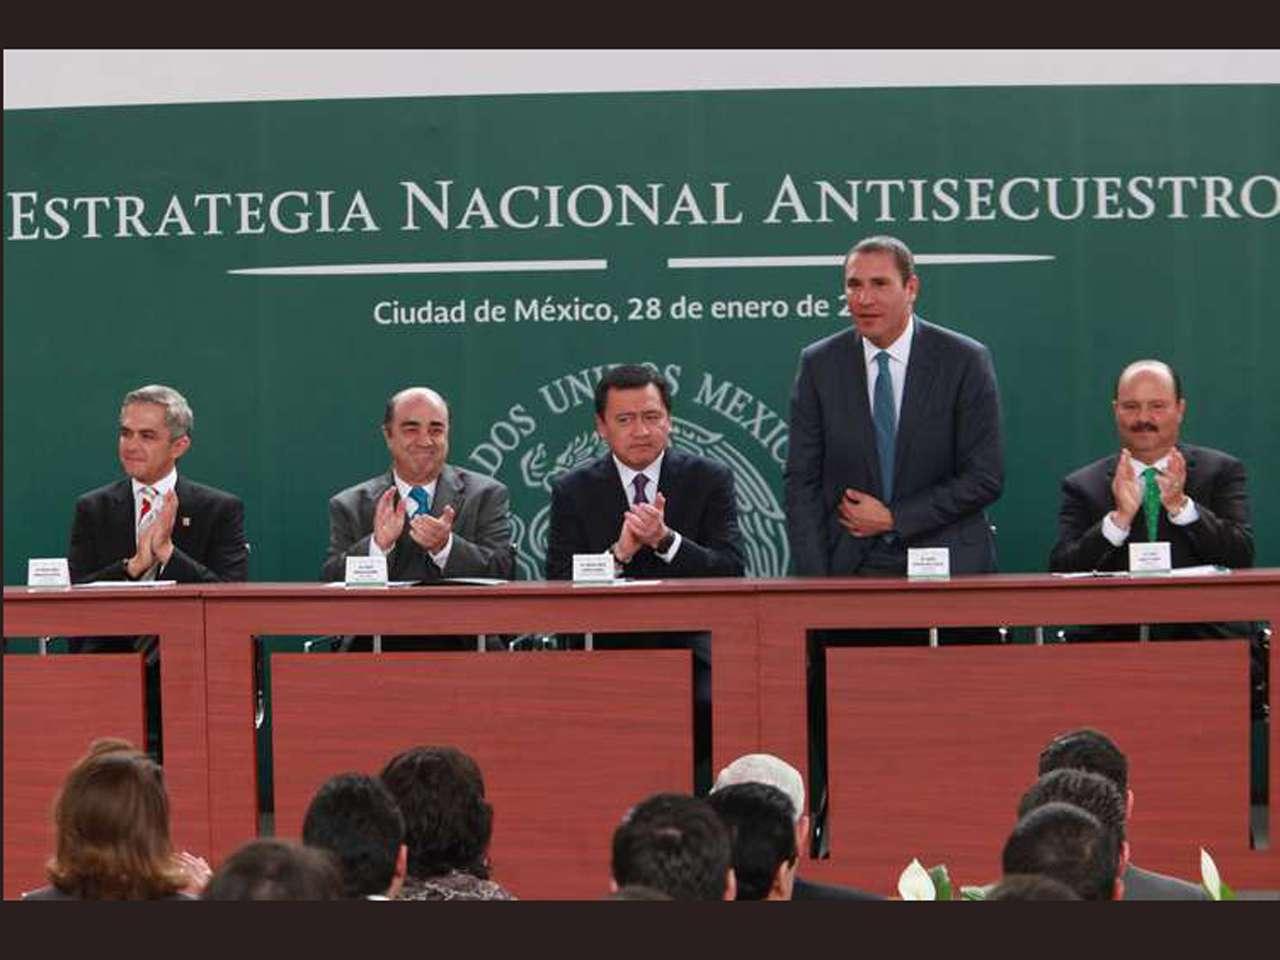 A un año de la puesta en marcha de la Estrategia Nacional Antisecuestro, presentada por el secretario de gobernación, Miguel Ángel Osorio Chong, las cifras sobre plagio en México no son claras. Foto: Terra